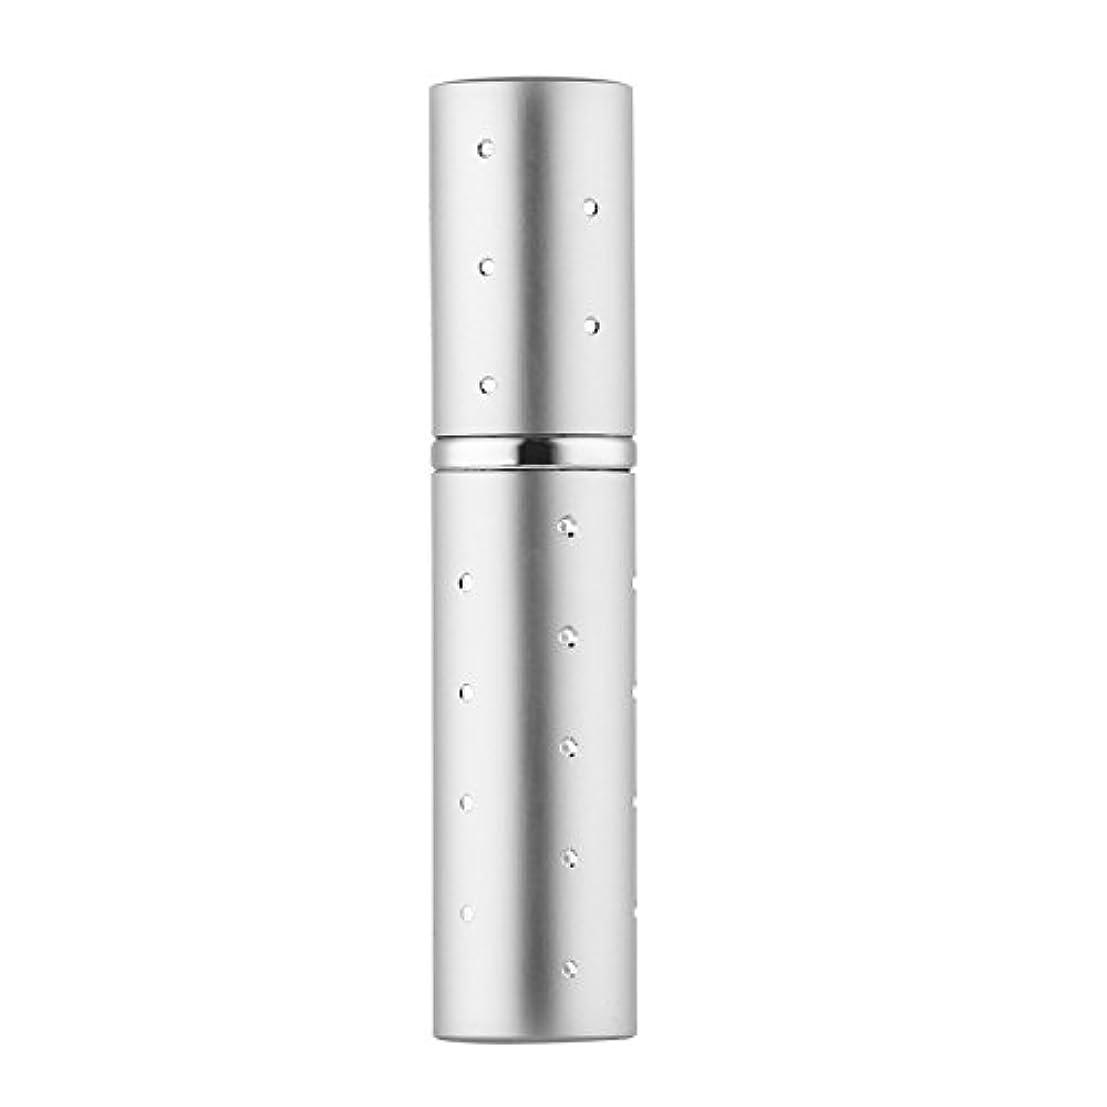 迷路奪う最後の香水アトマイザー Faireach レディース スプレーボトル 香水噴霧器 旅行携帯便利 詰め替え容器 5ml